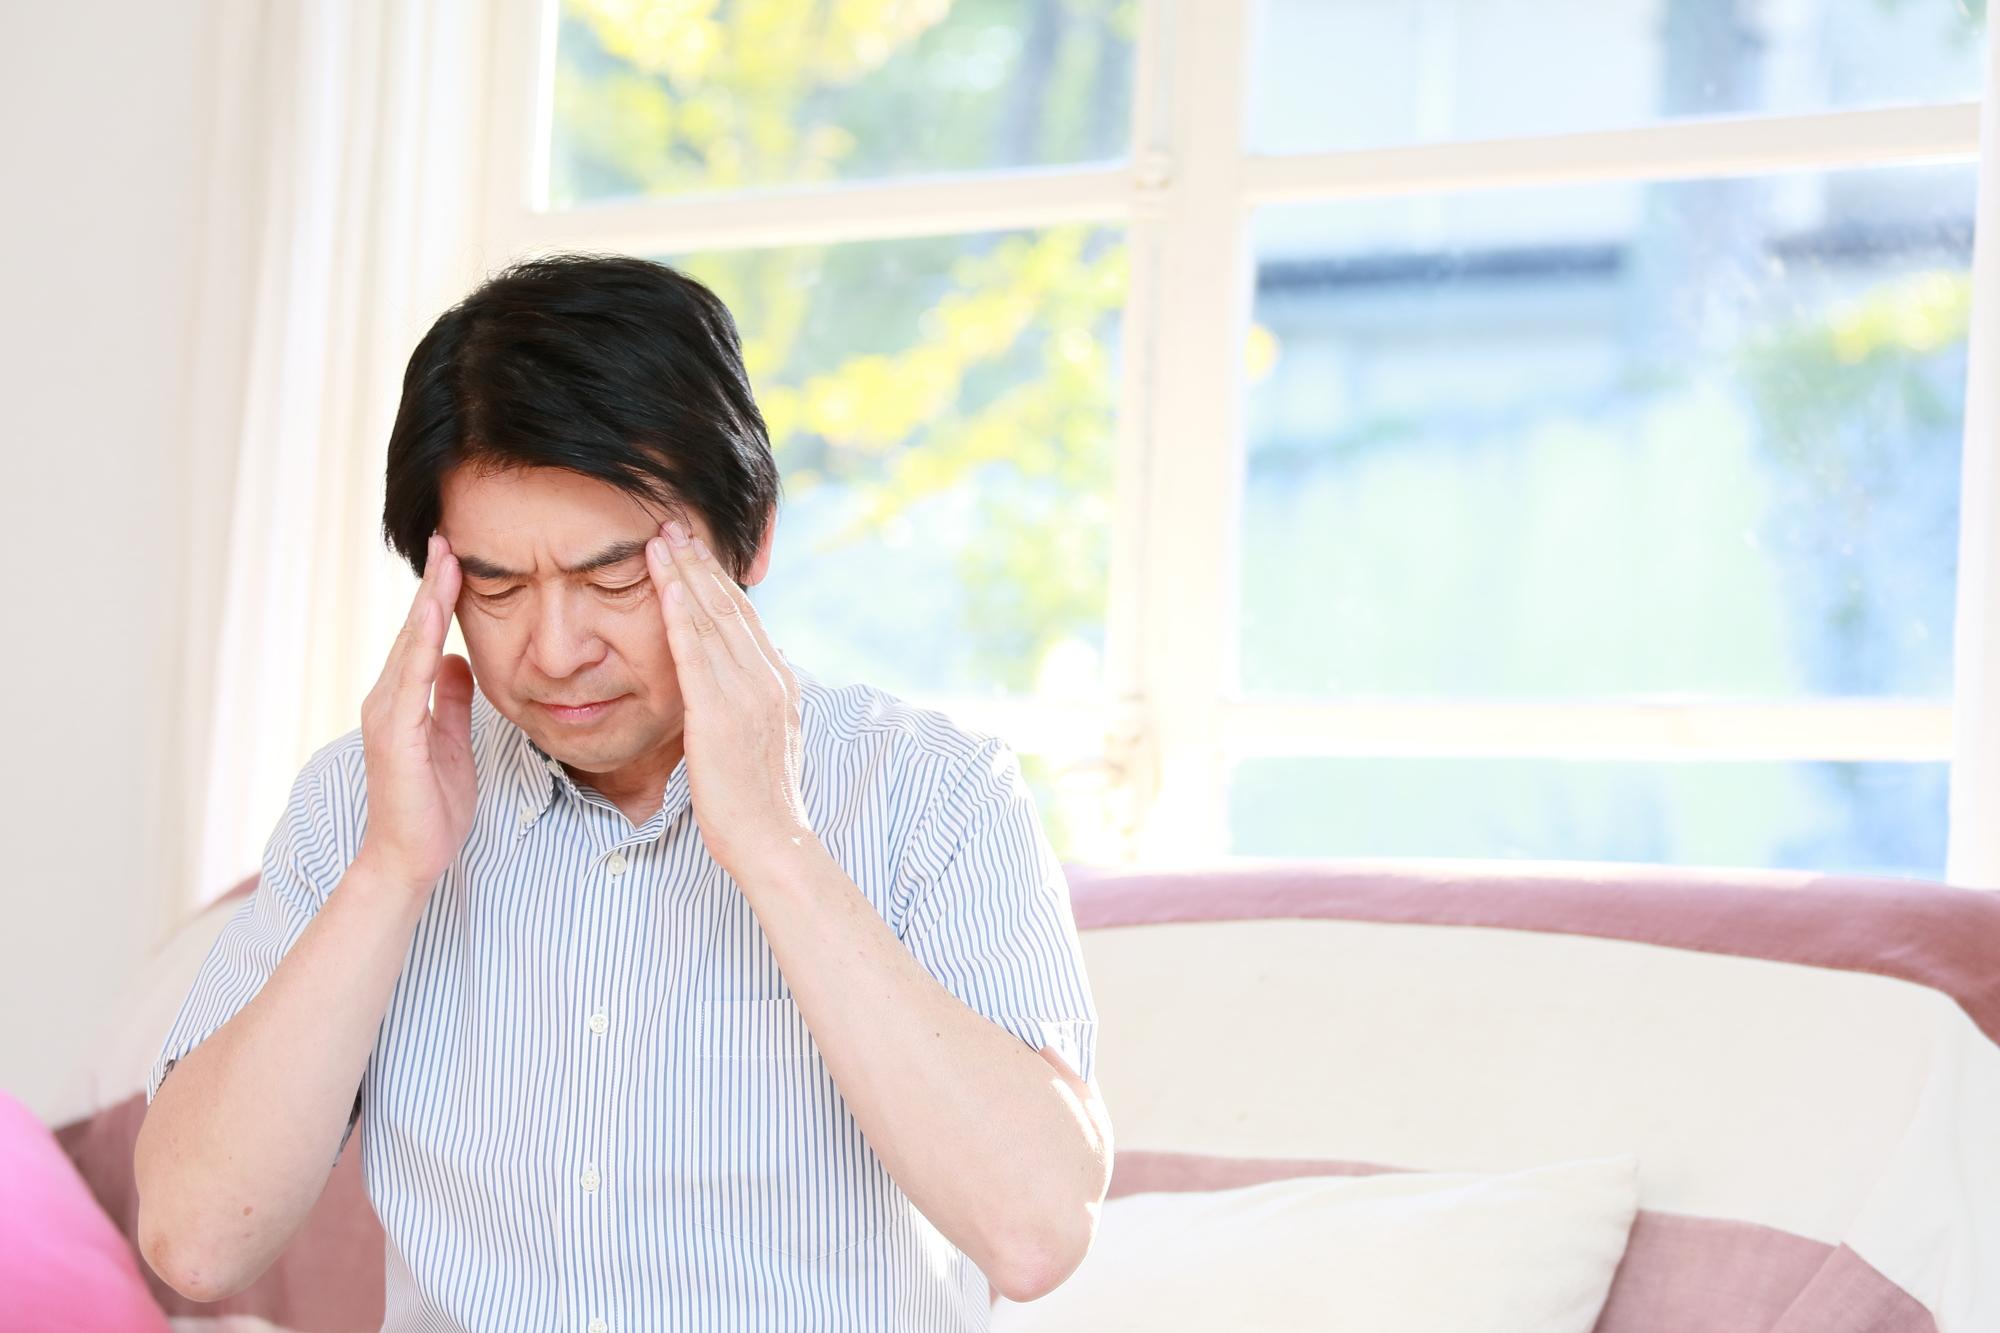 アイキャッチ:【広川先生のMCIコラム(第2回)】早く気づけば認知症にならない!?~実際にあった早期発見の事例①~